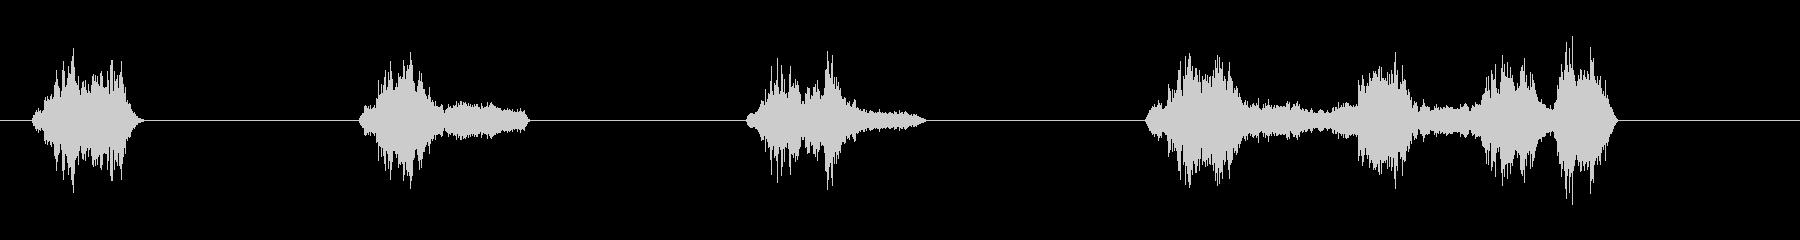 サーボ2の未再生の波形